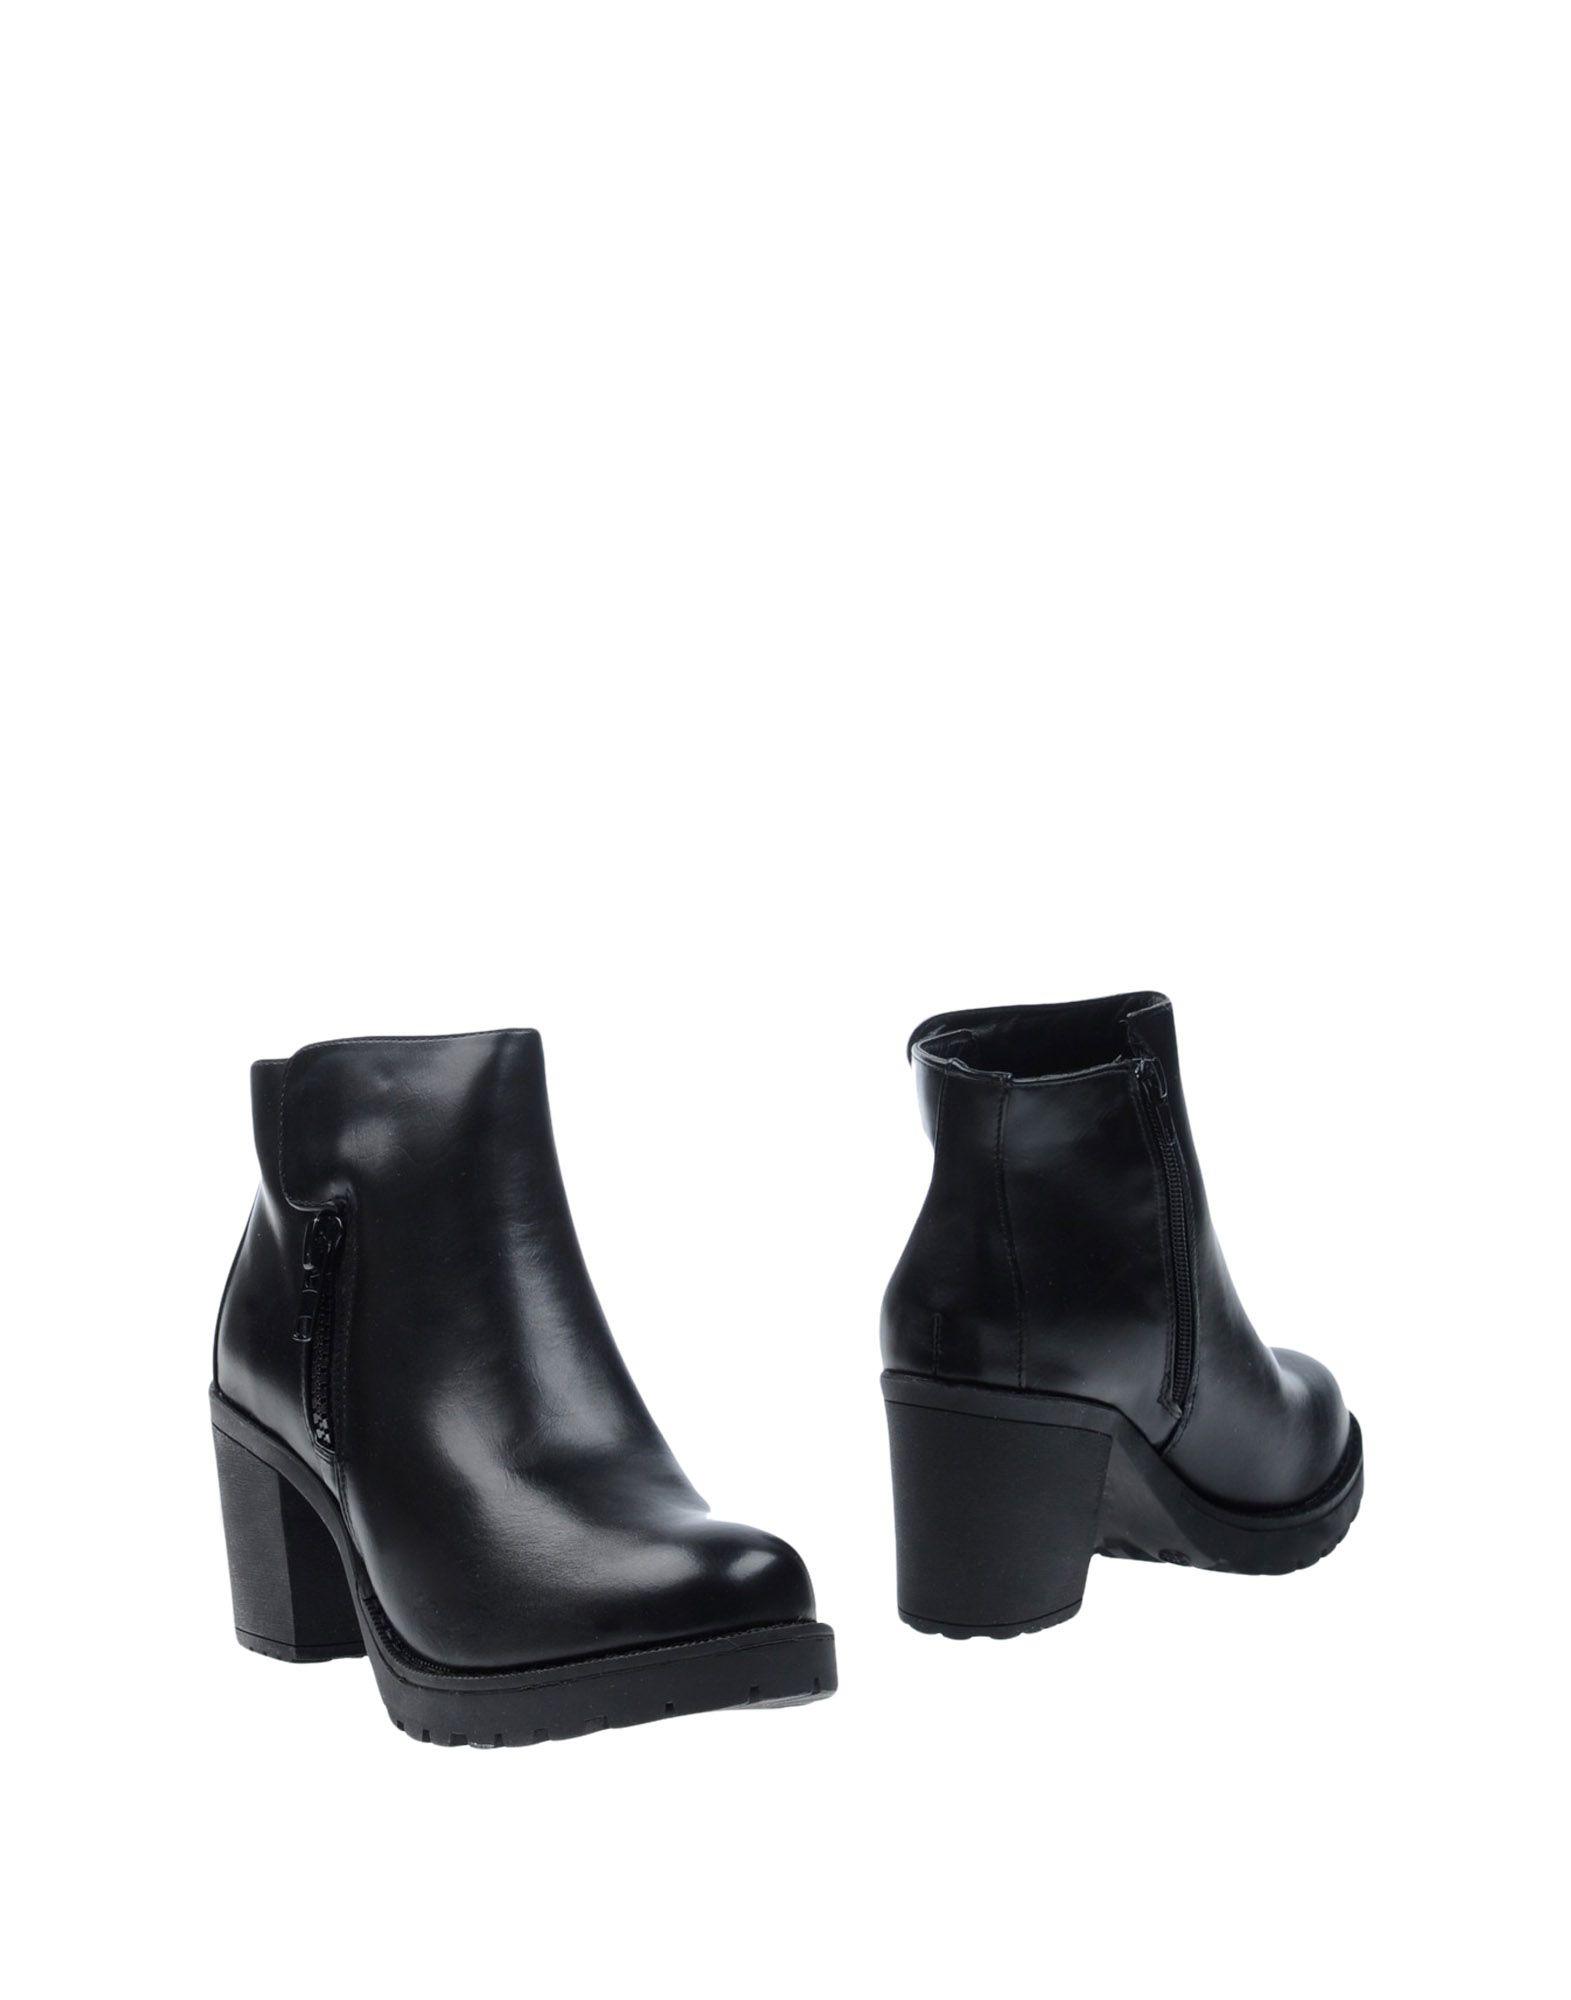 Stellaberg Stiefelette Damen  11258806XN Gute Qualität beliebte beliebte beliebte Schuhe 596699